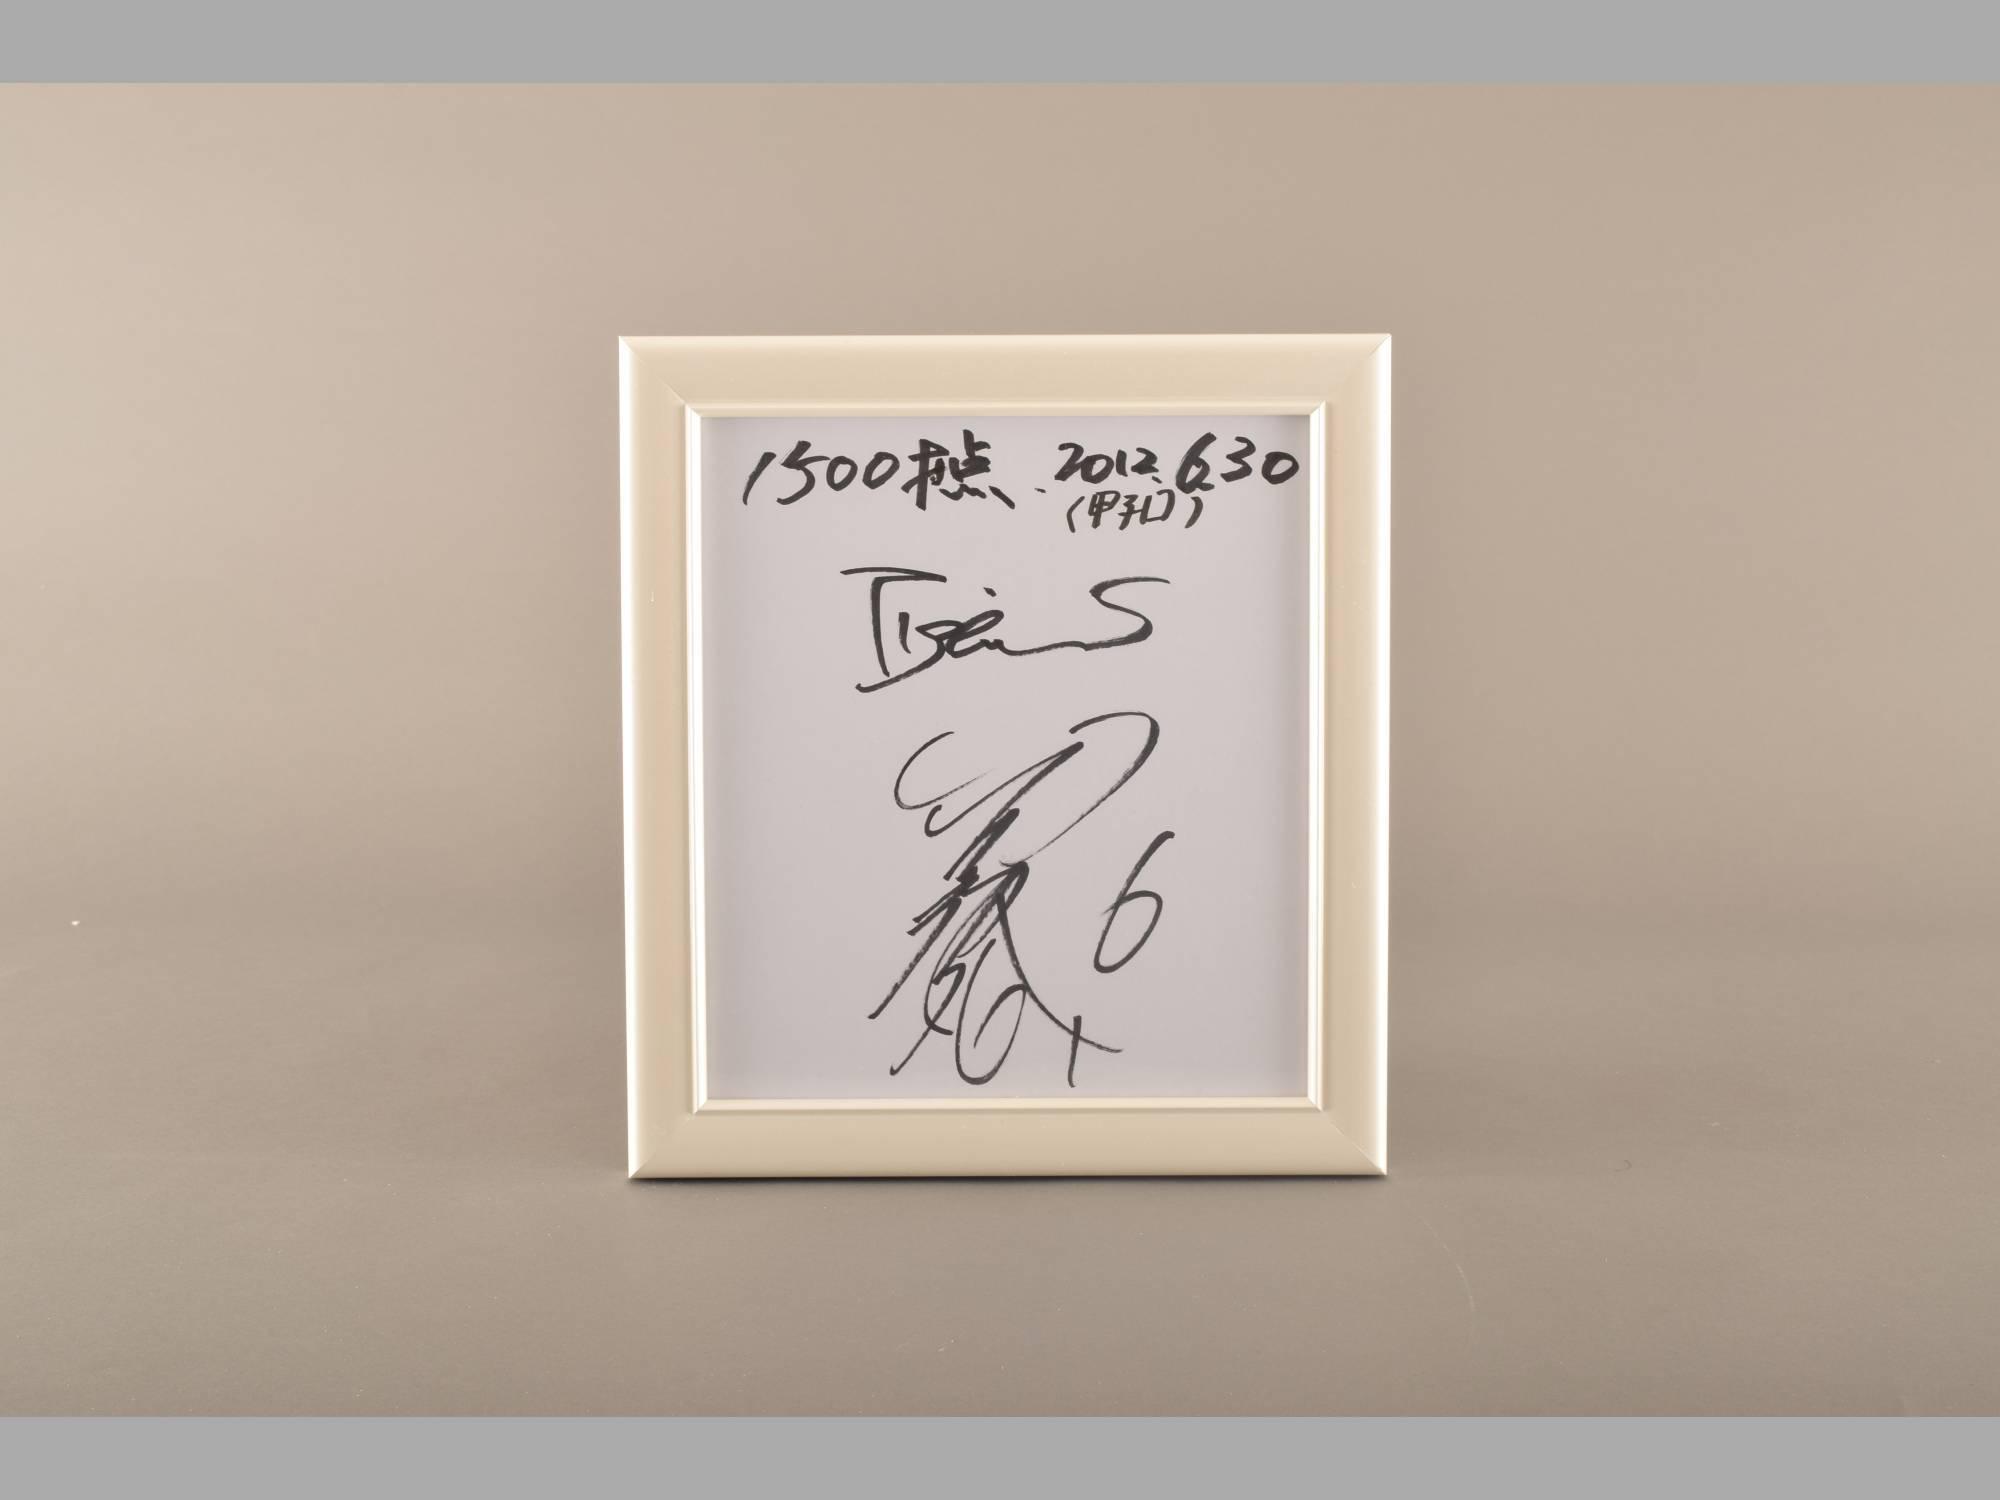 画像1: 阪神タイガース 金本知憲 1500打点... 阪神タイガース 金本知憲 1500打点